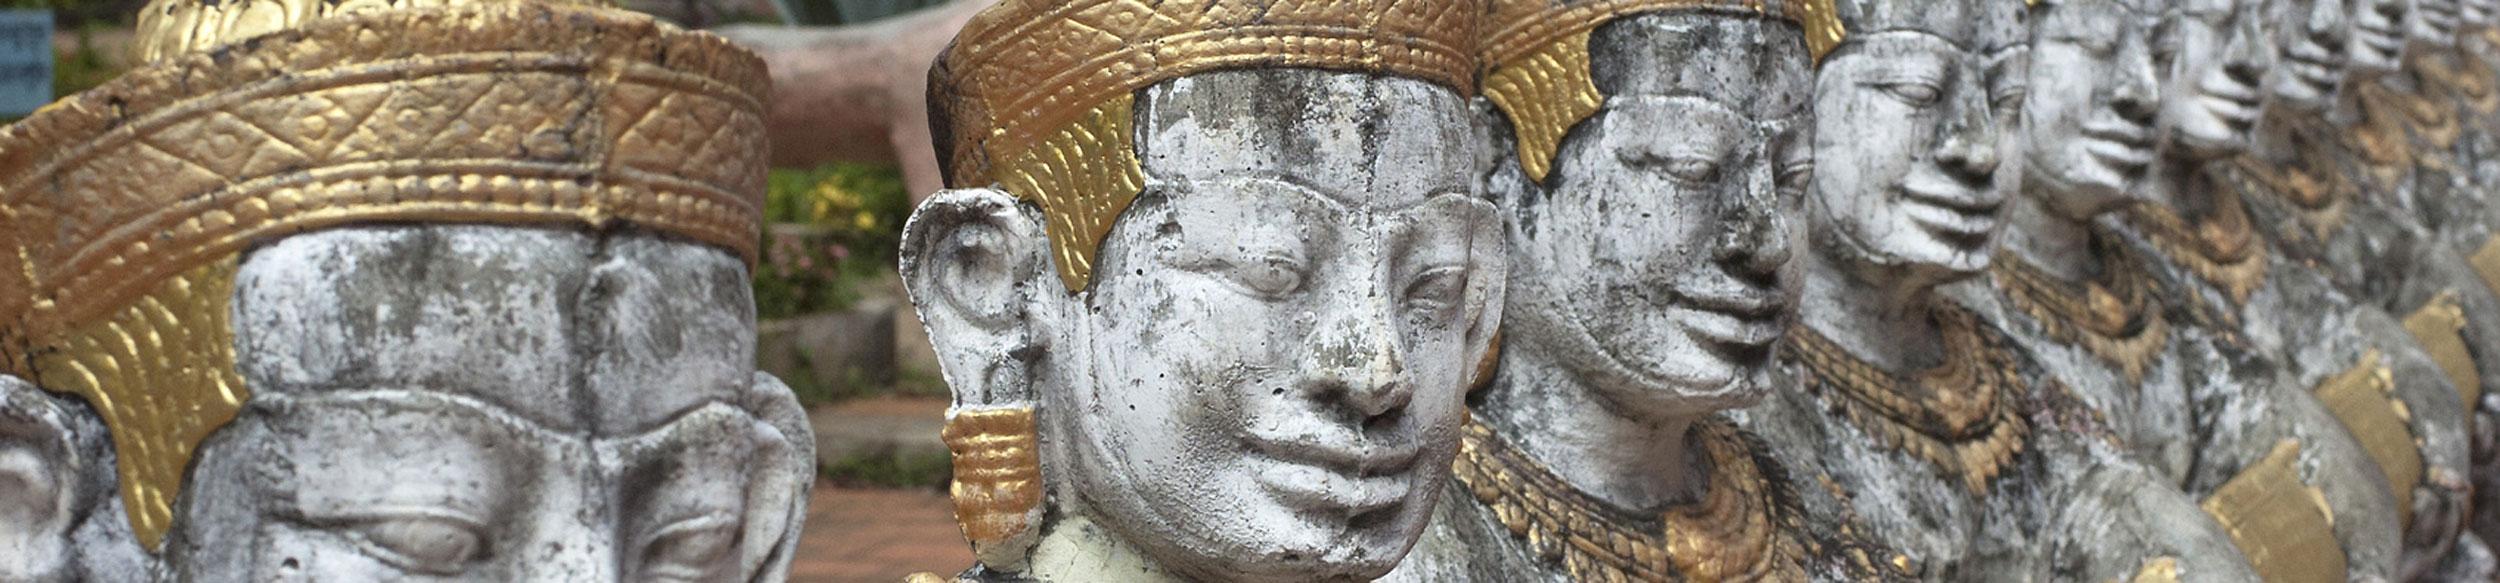 Découvrir Kampong Cham au Cambodge avec Carnets d'Asie